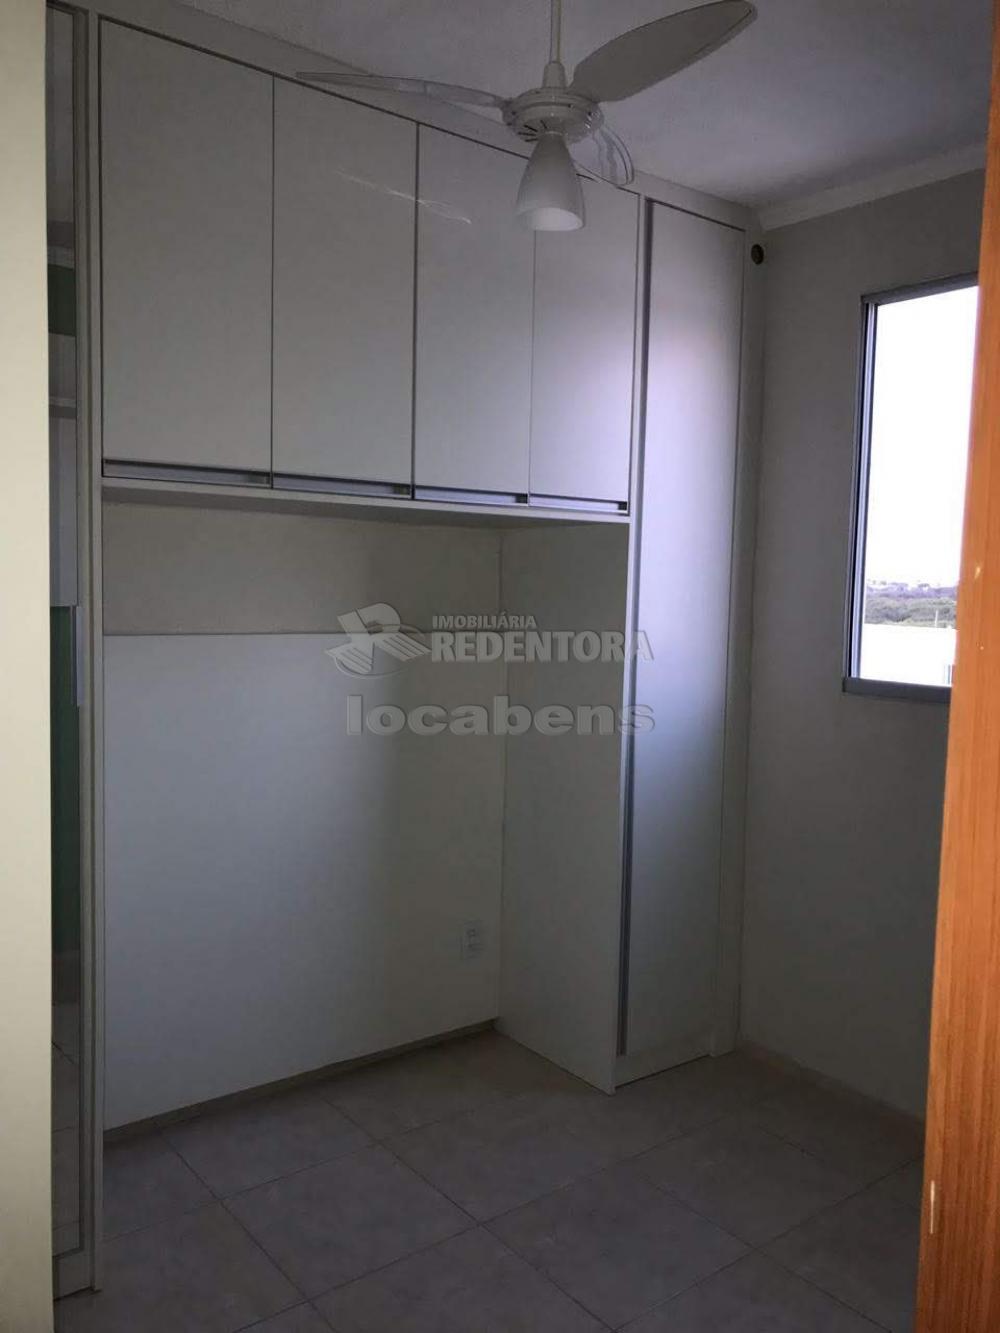 Comprar Apartamento / Padrão em São José do Rio Preto R$ 155.000,00 - Foto 15